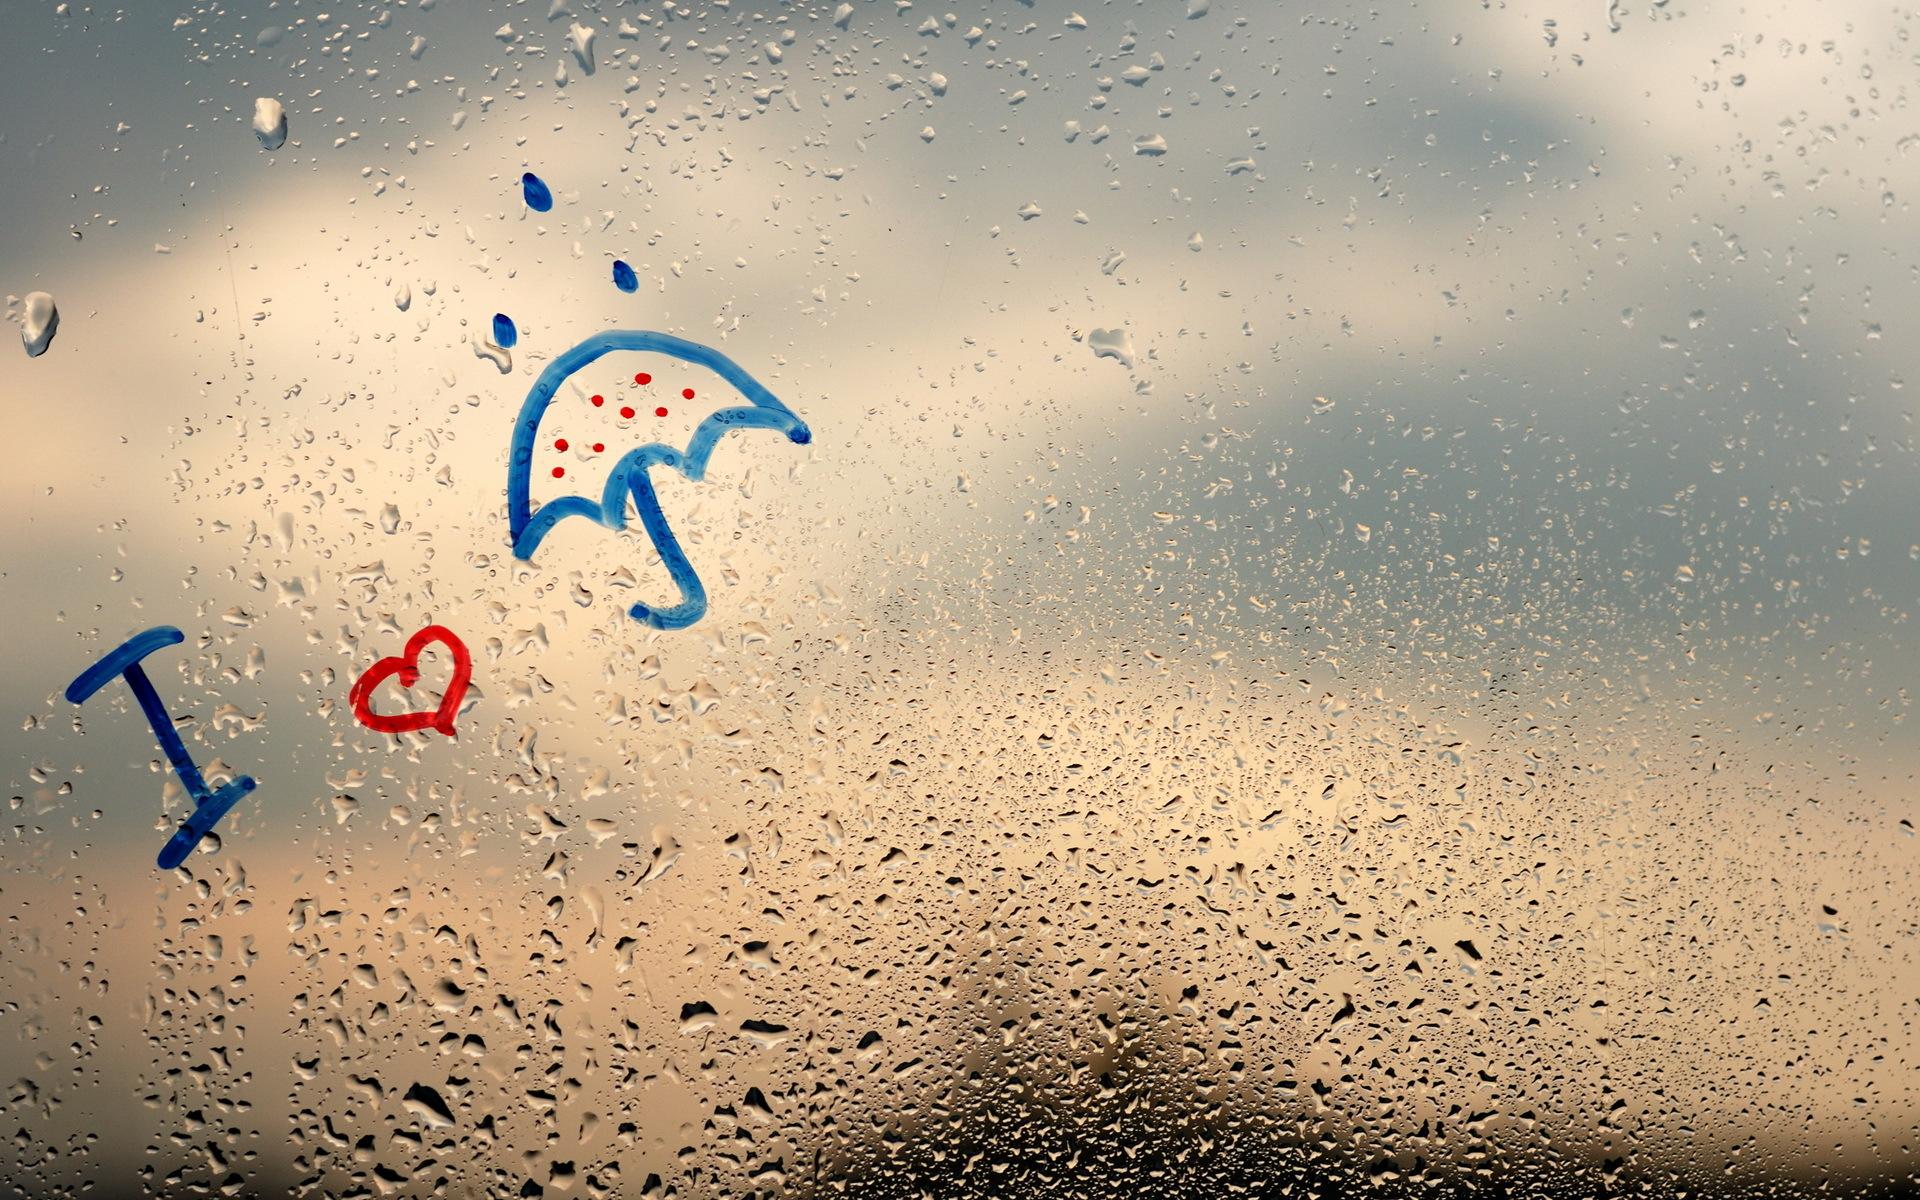 Картинки про дождик с надписью на английском, водопады анимации